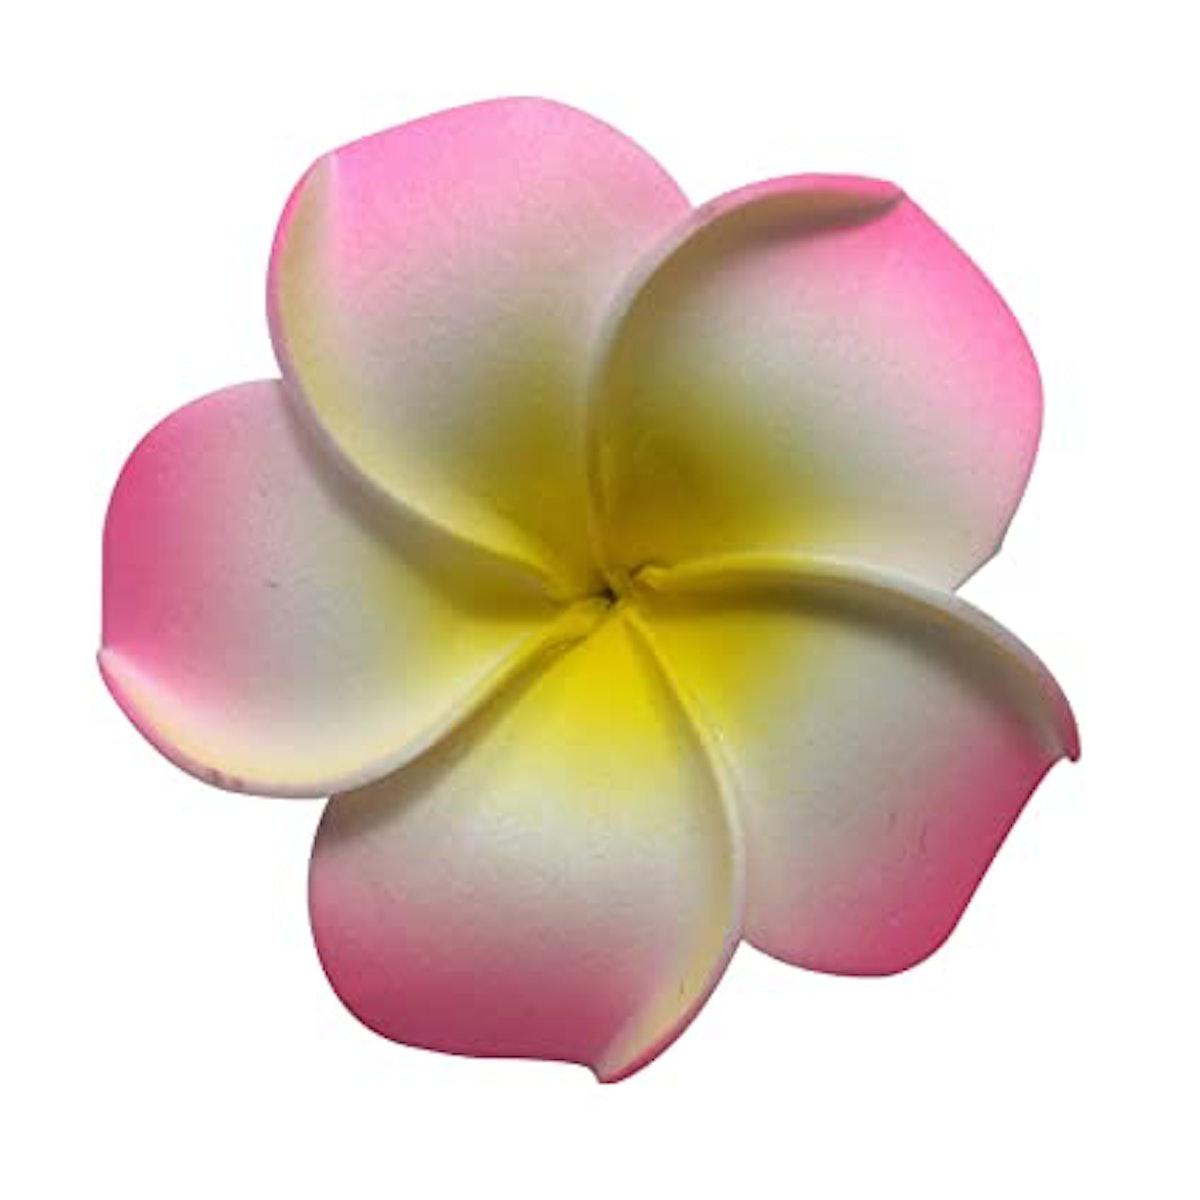 DreamLily Women's Fashion 3 Pcs Hawaiian White Plumeria Flower Foam Hair Clip Balaclavas for Beach